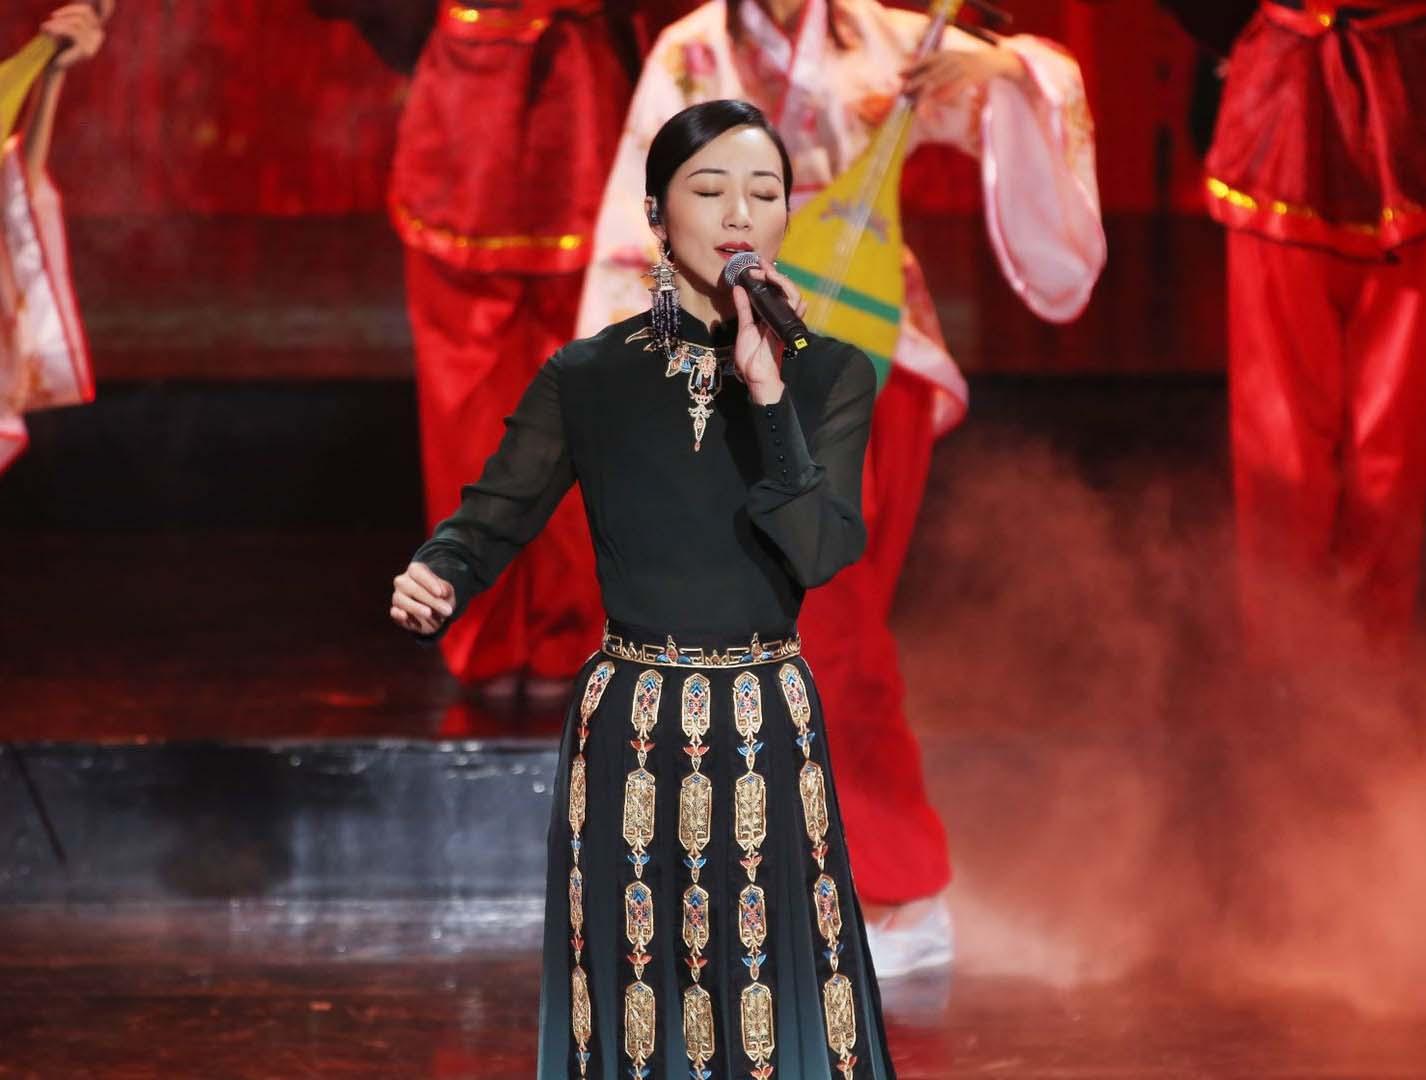 韩雪《跨界歌王》首唱 高难度国风歌曲引爆全场